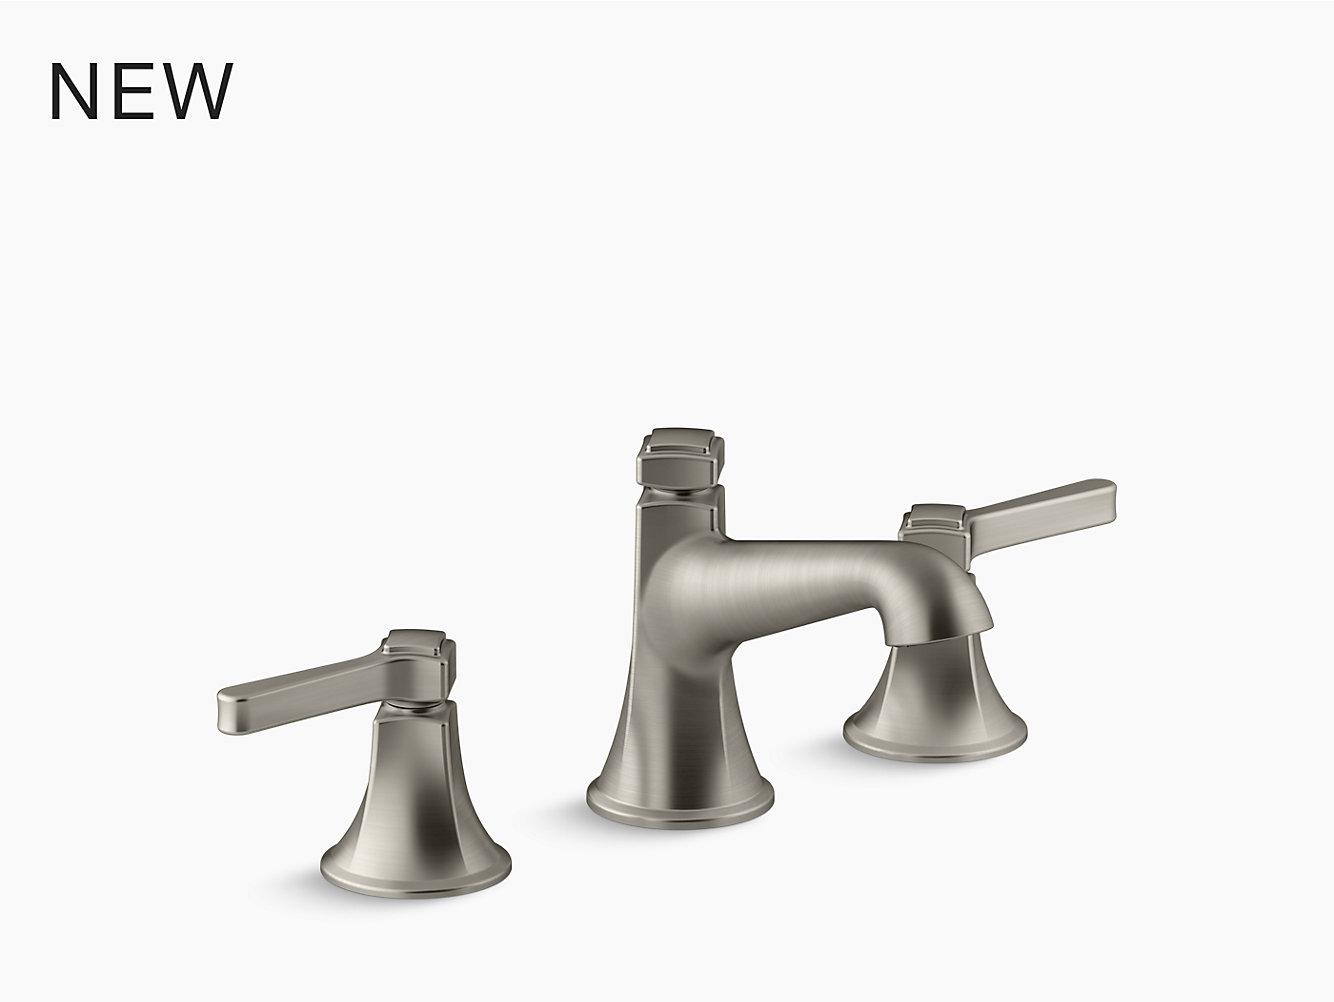 clairette single handle spray kitchen sink faucet k 692 kohler view larger